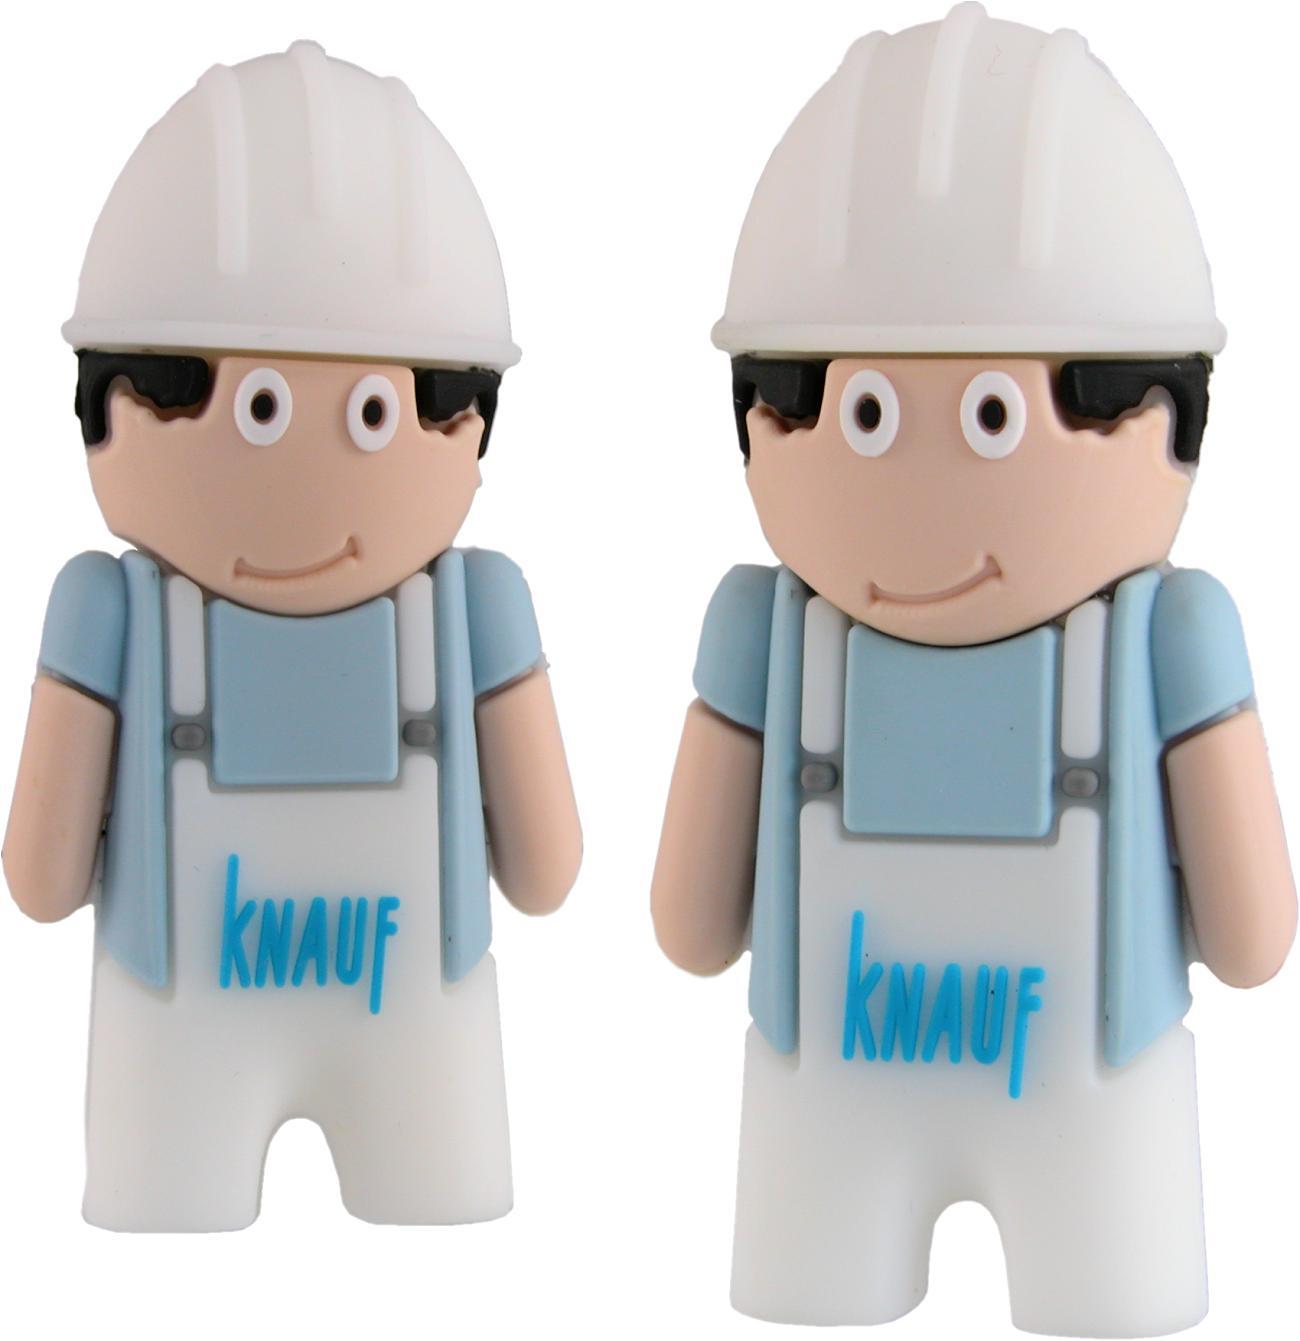 Workmen Character Usb Sticks Branded Knauf Cd256